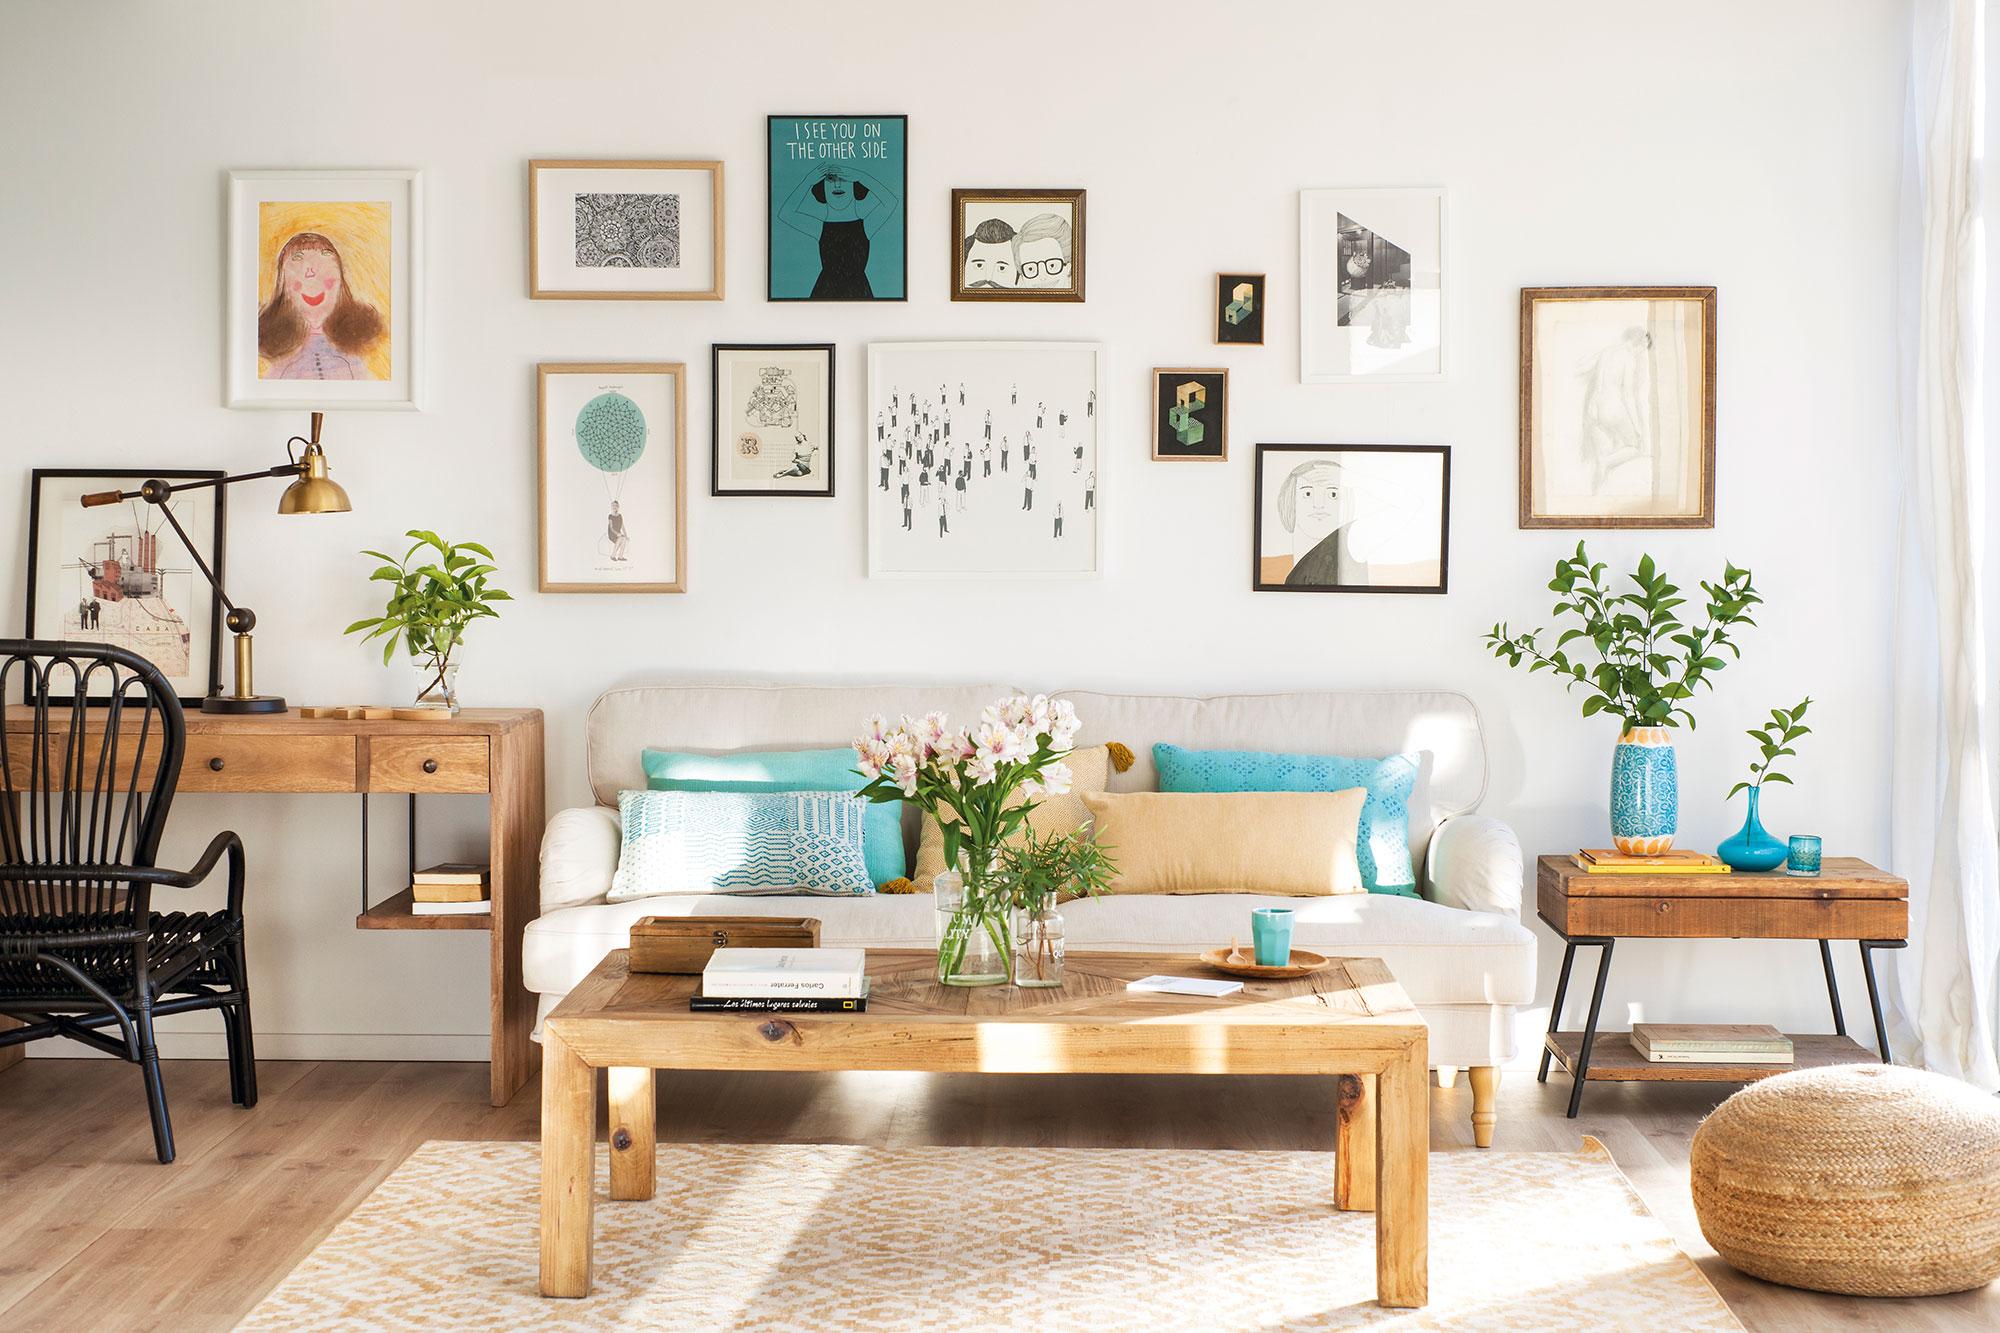 Salón con pared del sofá con composición de cuadros y láminas. Una pared... a cuadros